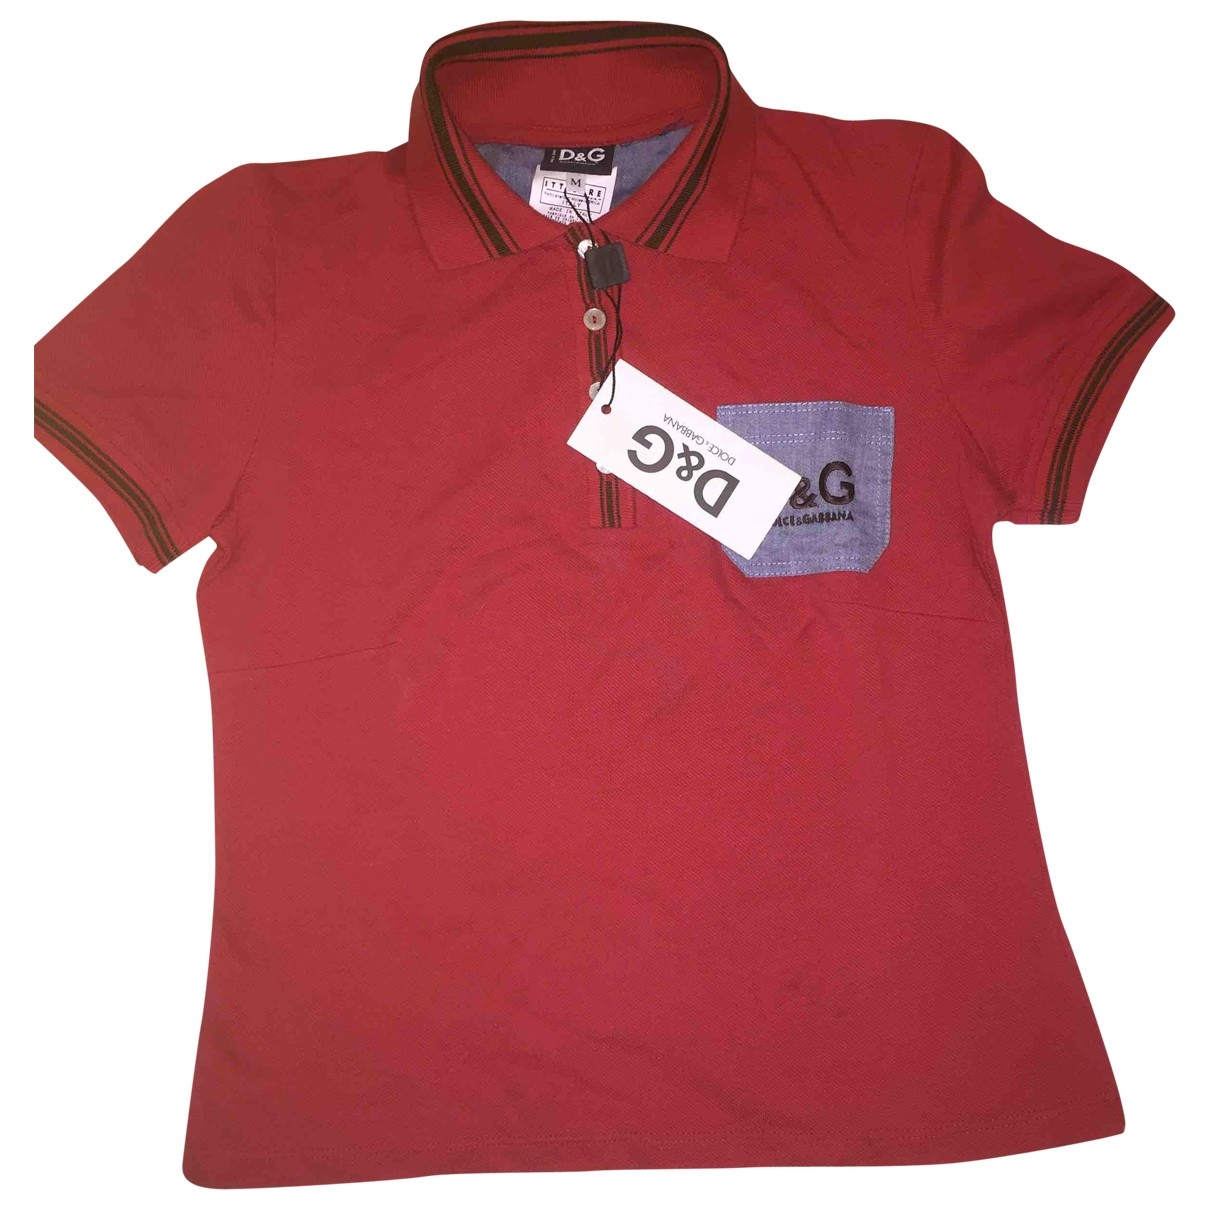 D&g \N Top in  Rot Baumwolle